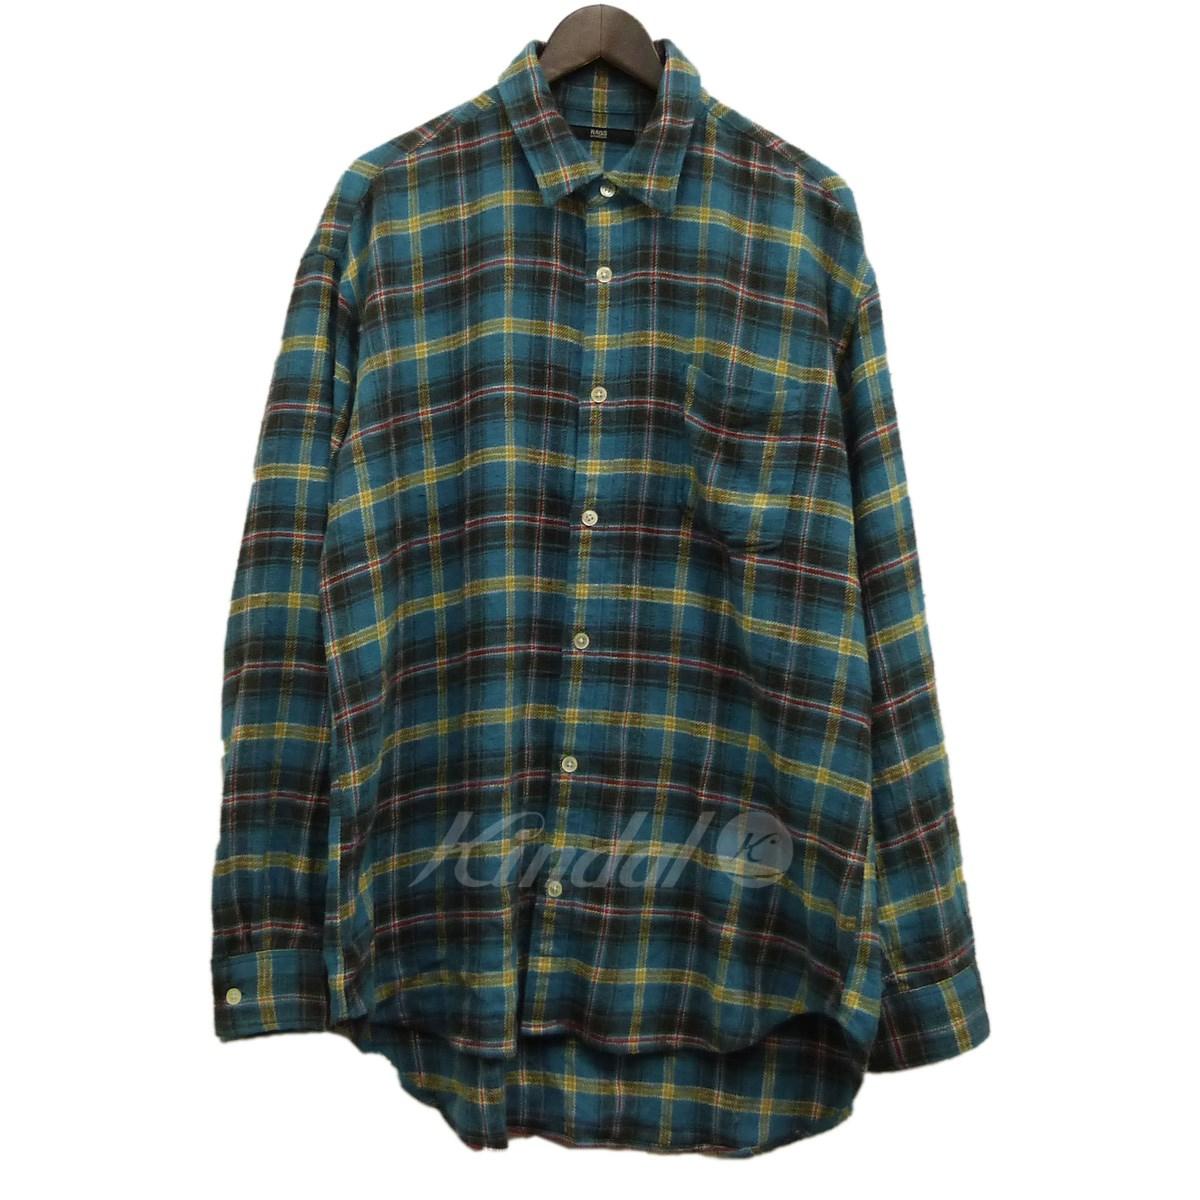 【中古】Rags McGREGOR チェックシャツ ブルー×イエロー サイズ:M 【送料無料】 【061018】(ラグスマクレガー)